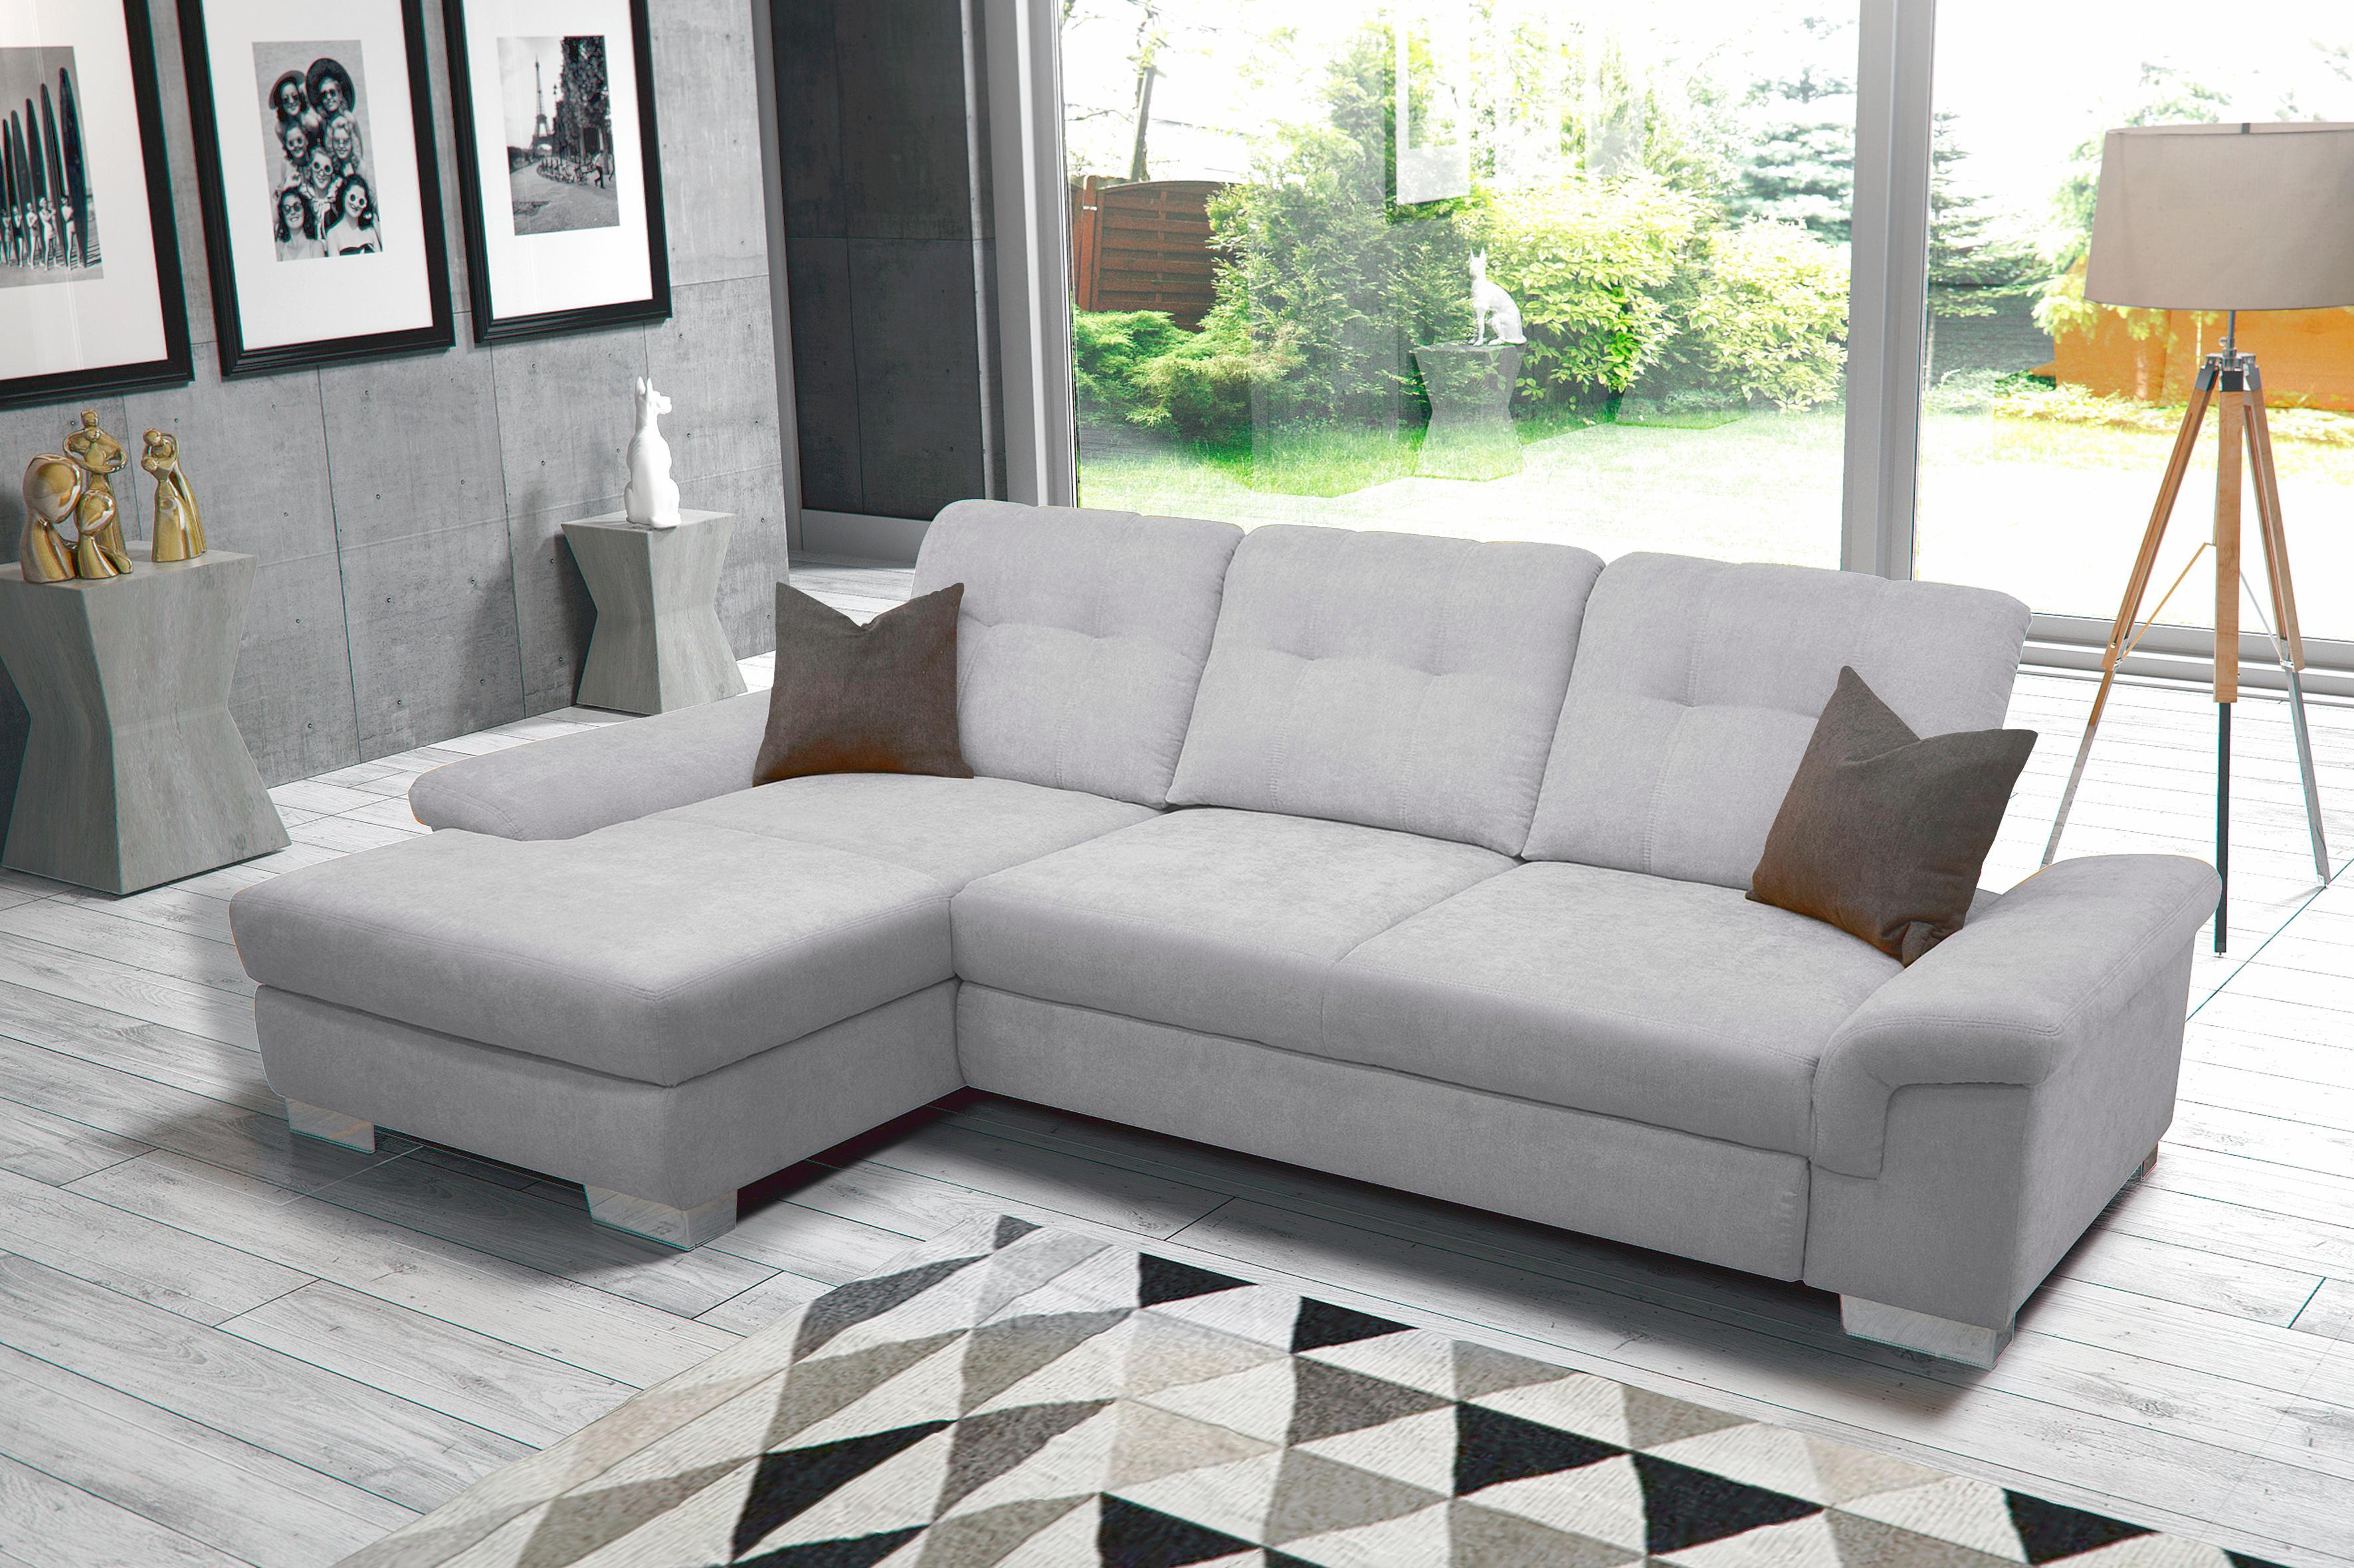 Wohnzimmer » Sofas & Couches online kaufen   Möbel-Suchmaschine ...